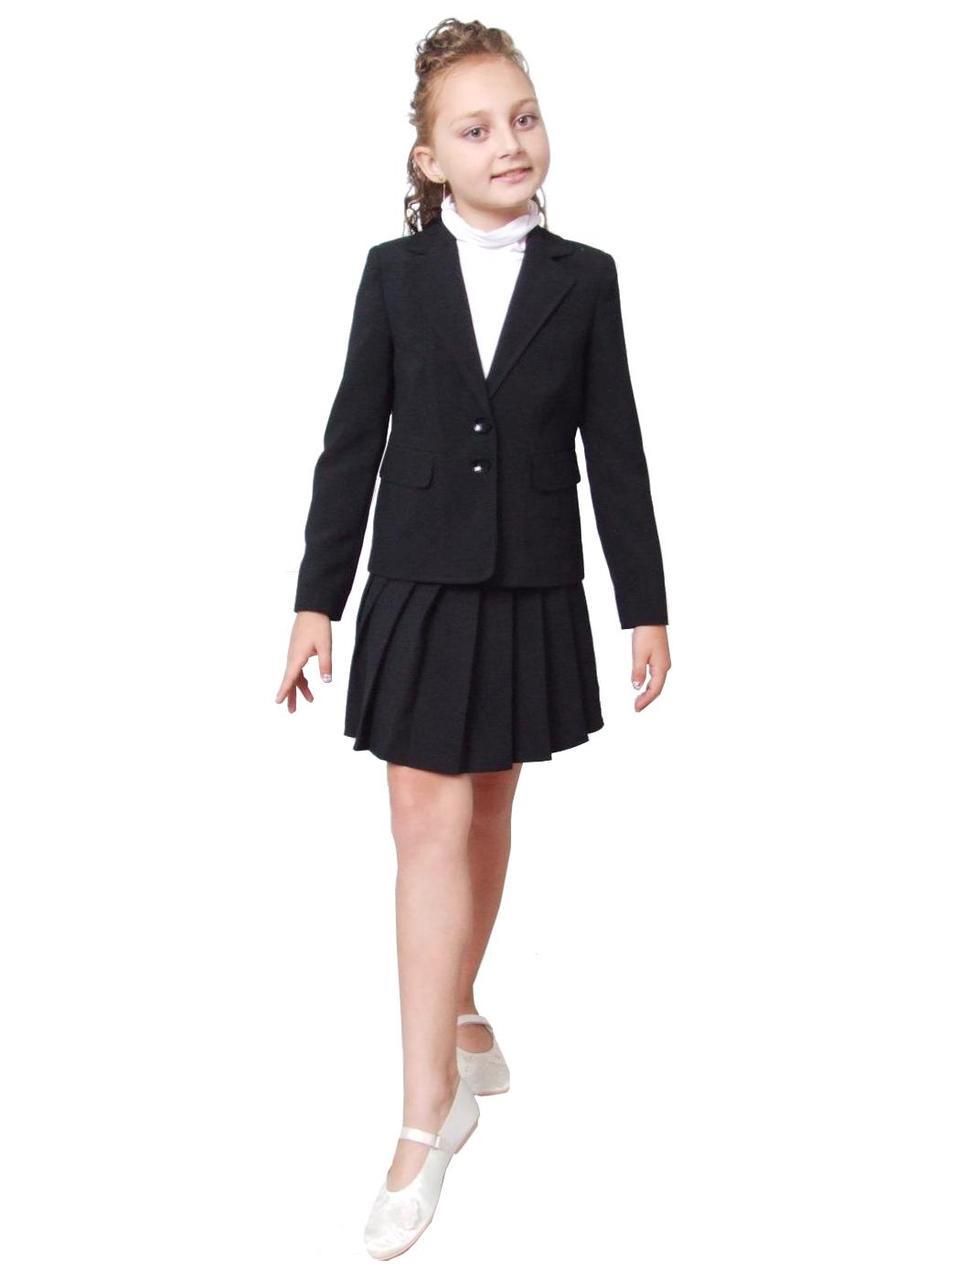 Піджак шкільний для дівчинки м-744 ріст 116 128 134 чорний